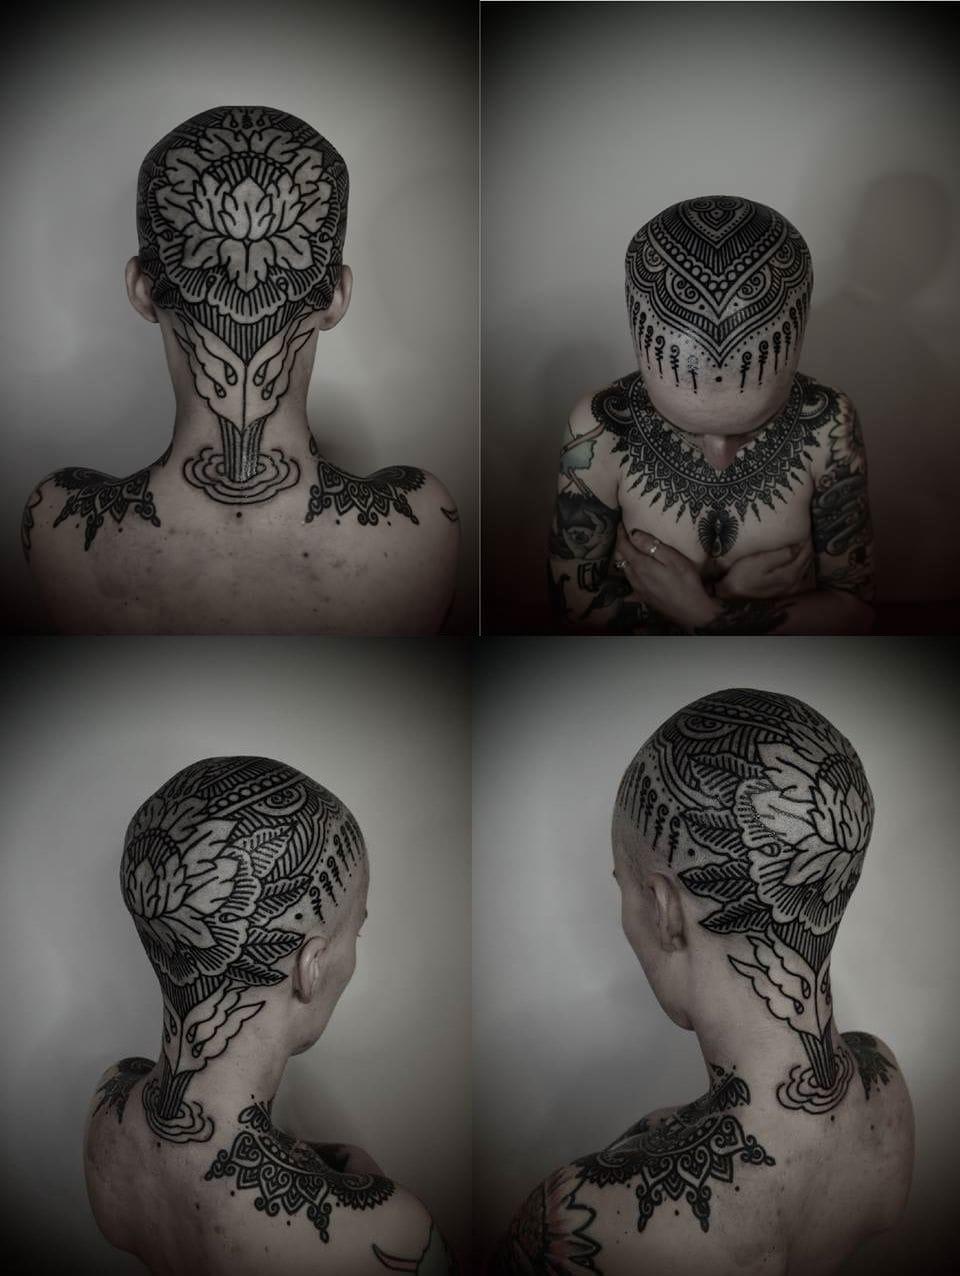 The work of Guy le Tatooer is always amazing.